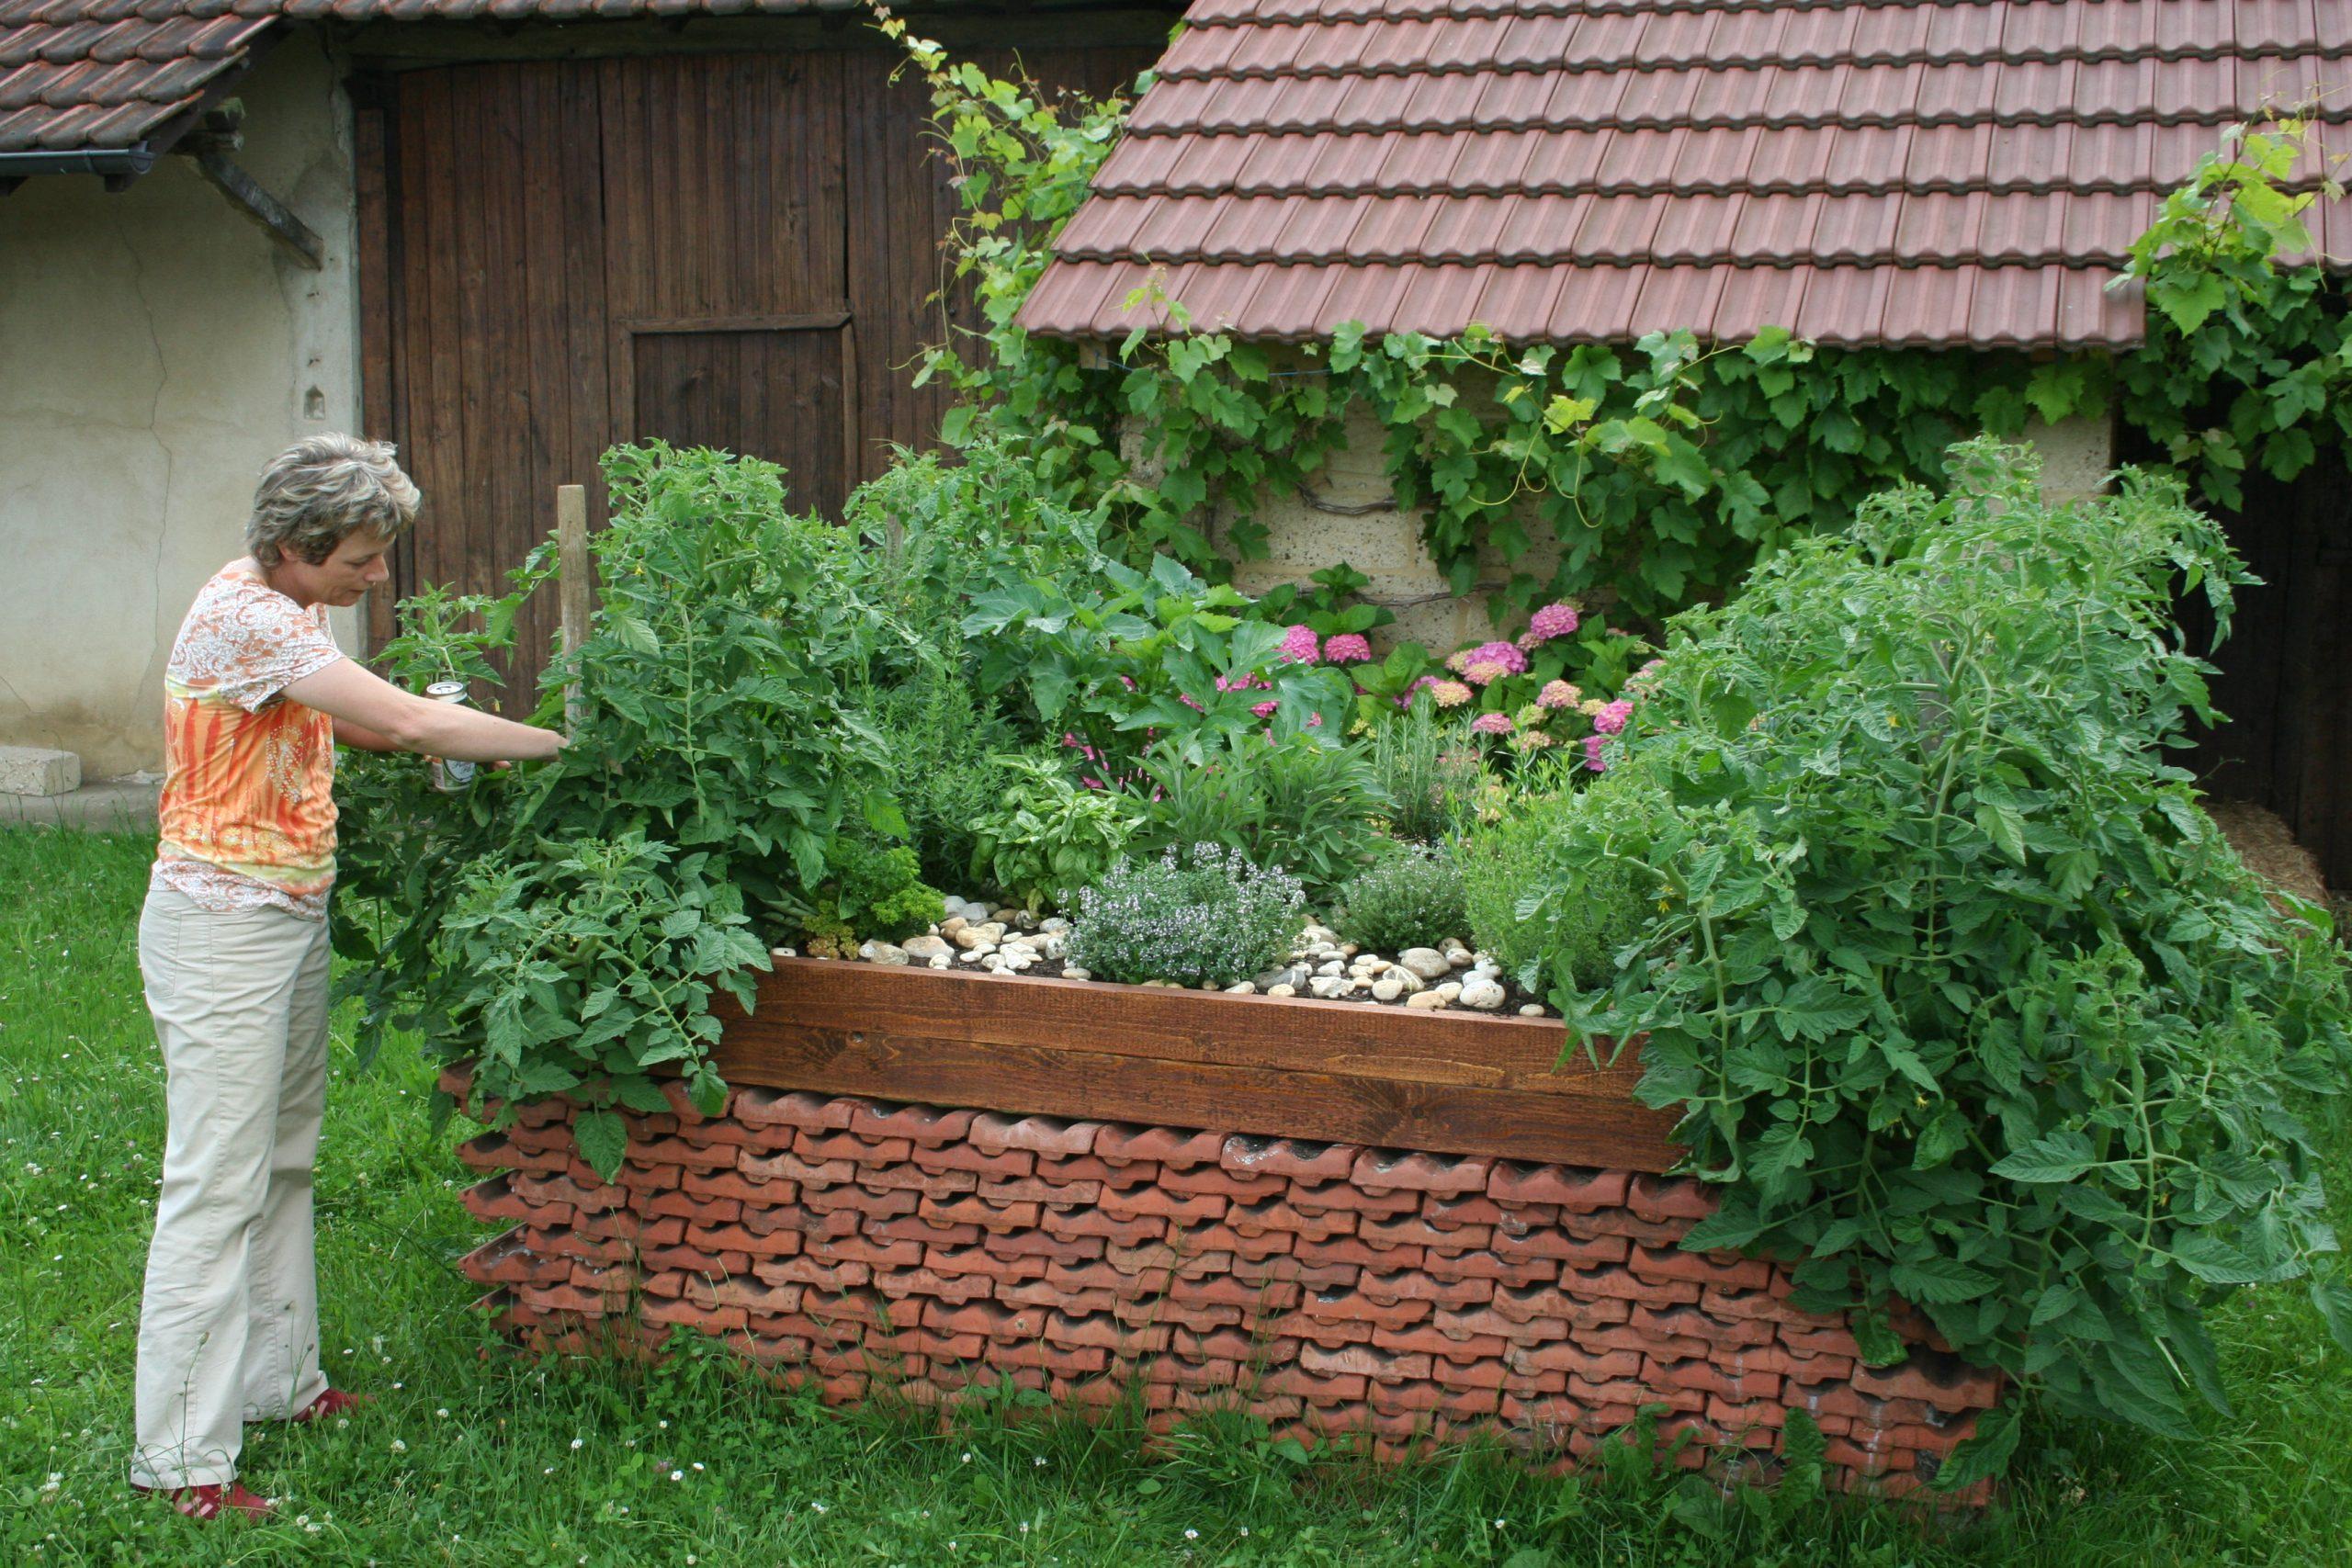 Full Size of Hochbeet Aus Paletten Bauen Mit Anleitung Waschbr Magazin Garten Relaxsessel Aldi Wohnzimmer Hochbeet Aldi